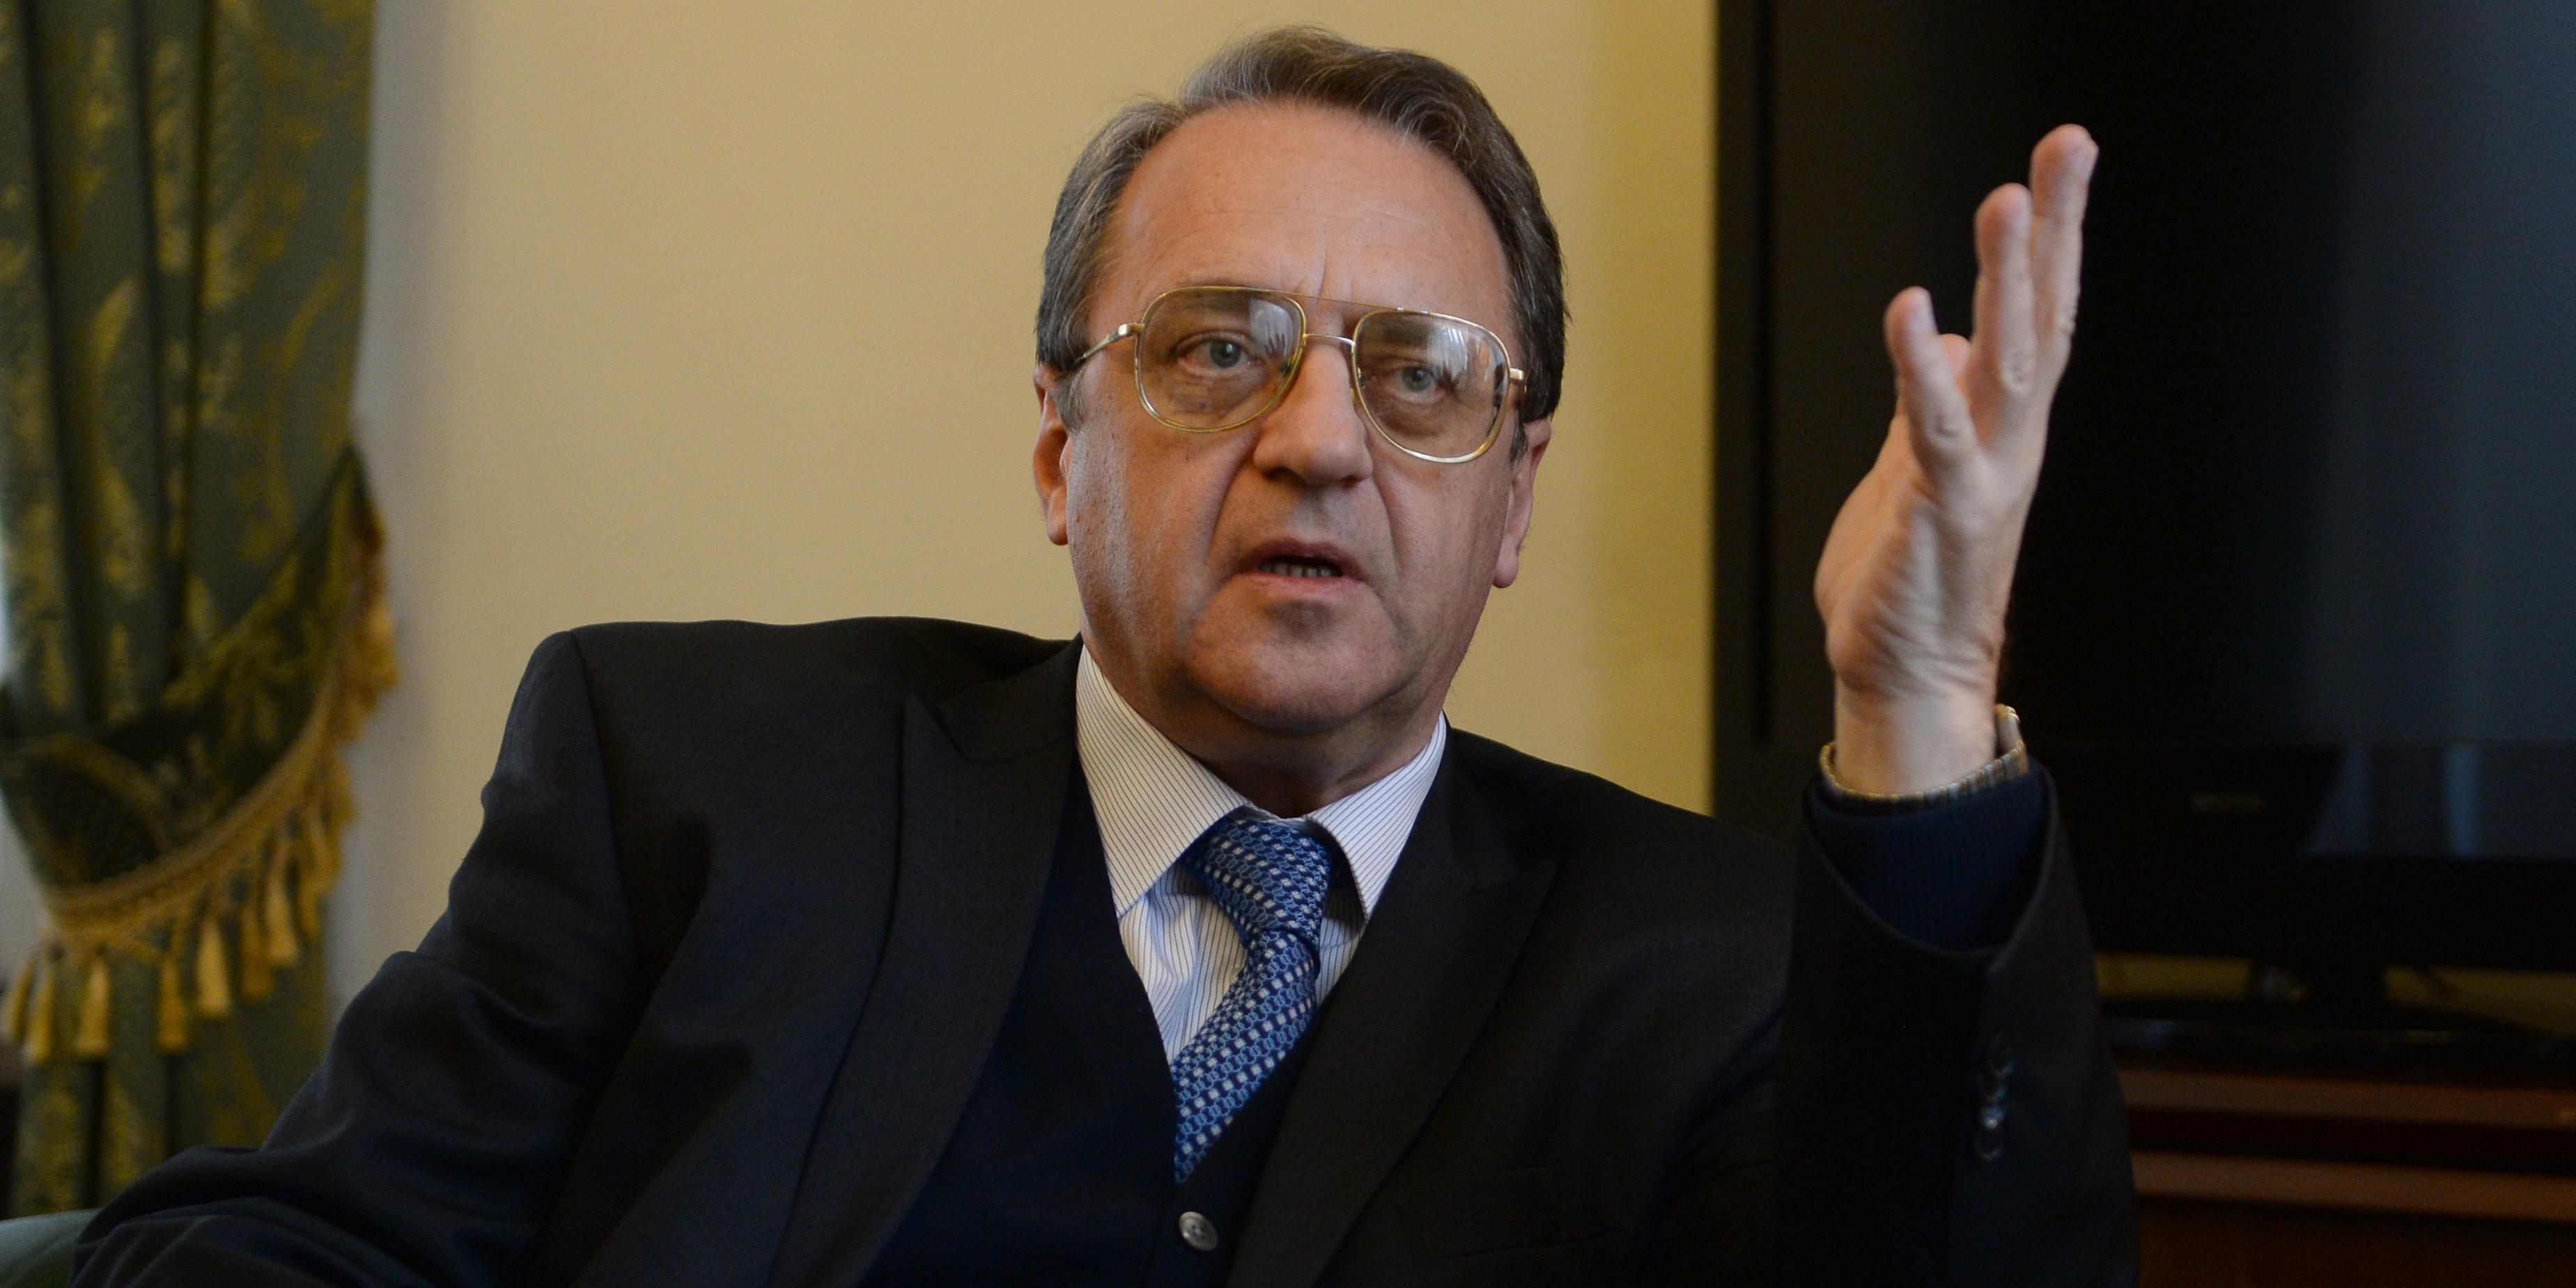 Rusya: Kürtler, Suriye'nin bölünmez olduğunu anlamalı